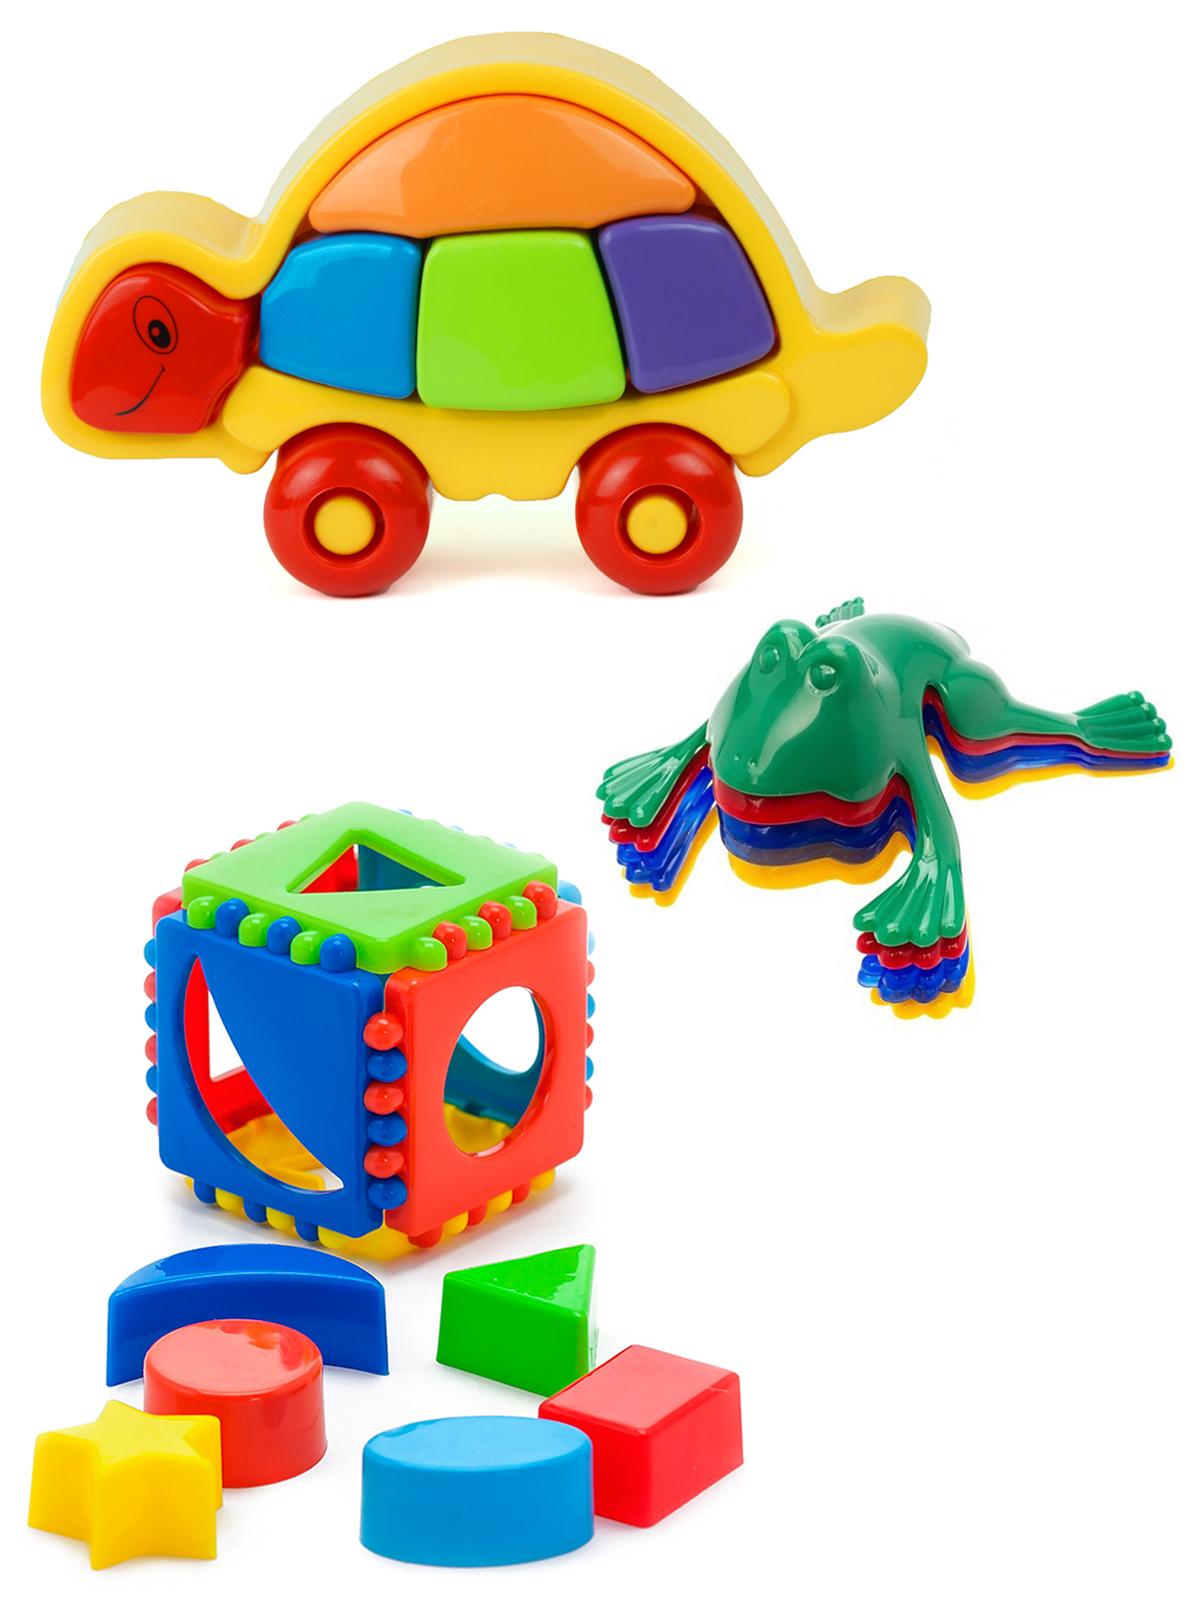 Купить Развивающие игрушки Karolina Toys Лог. Черепашка+Кубик логический малый Команда КВА №1,